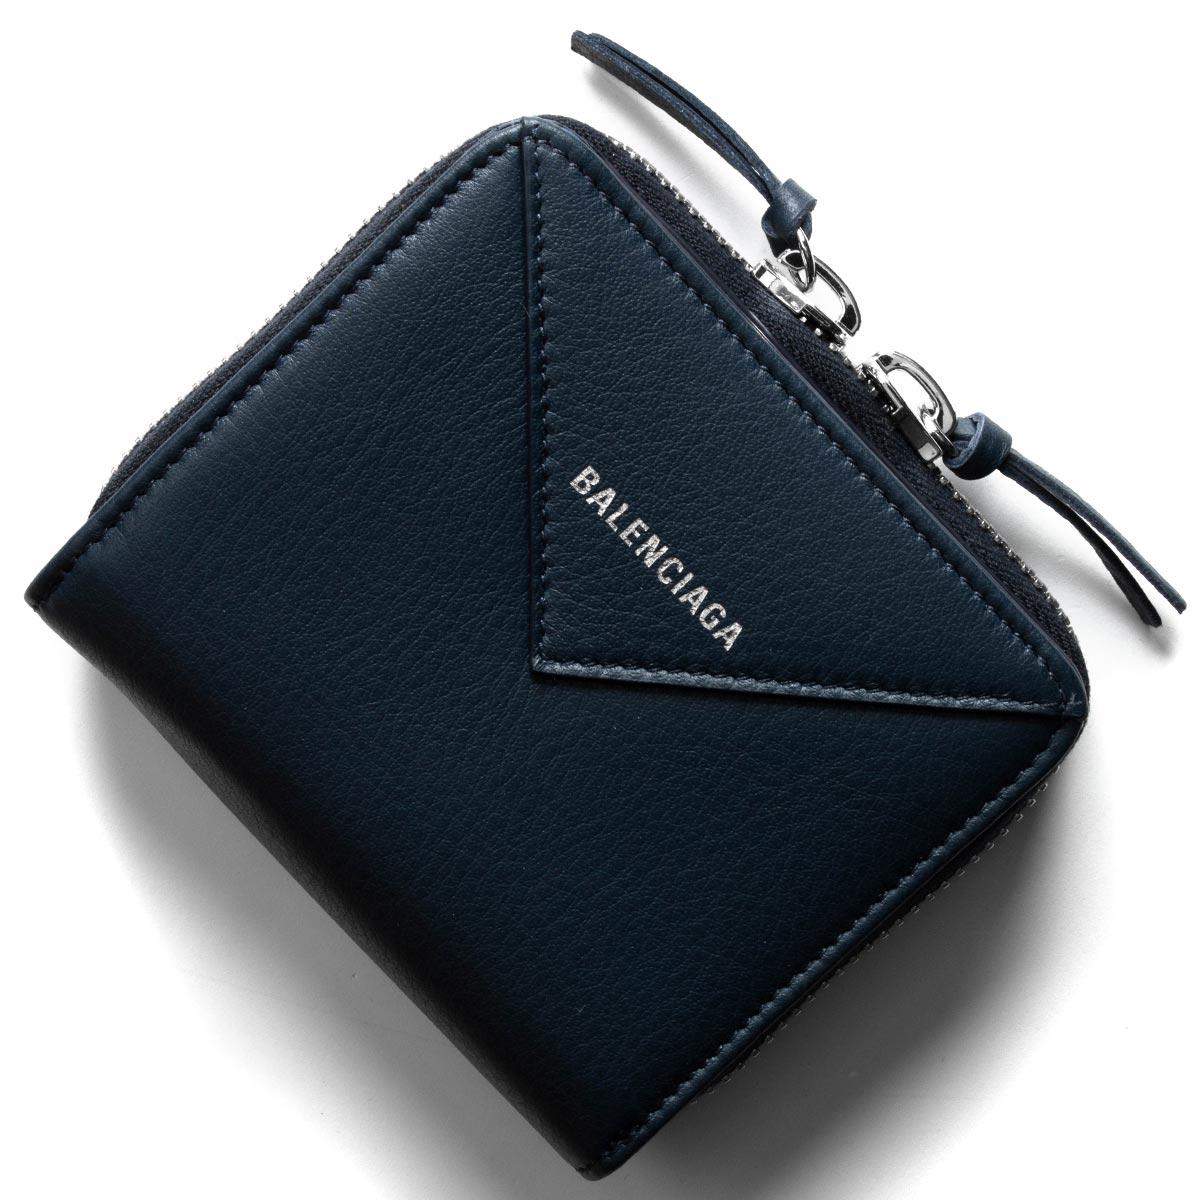 バレンシアガ 二つ折り財布 財布 レディース ペーパー ビルフォールド ブループロフォン 371662 DLQ0N 4222 BALENCIAGA